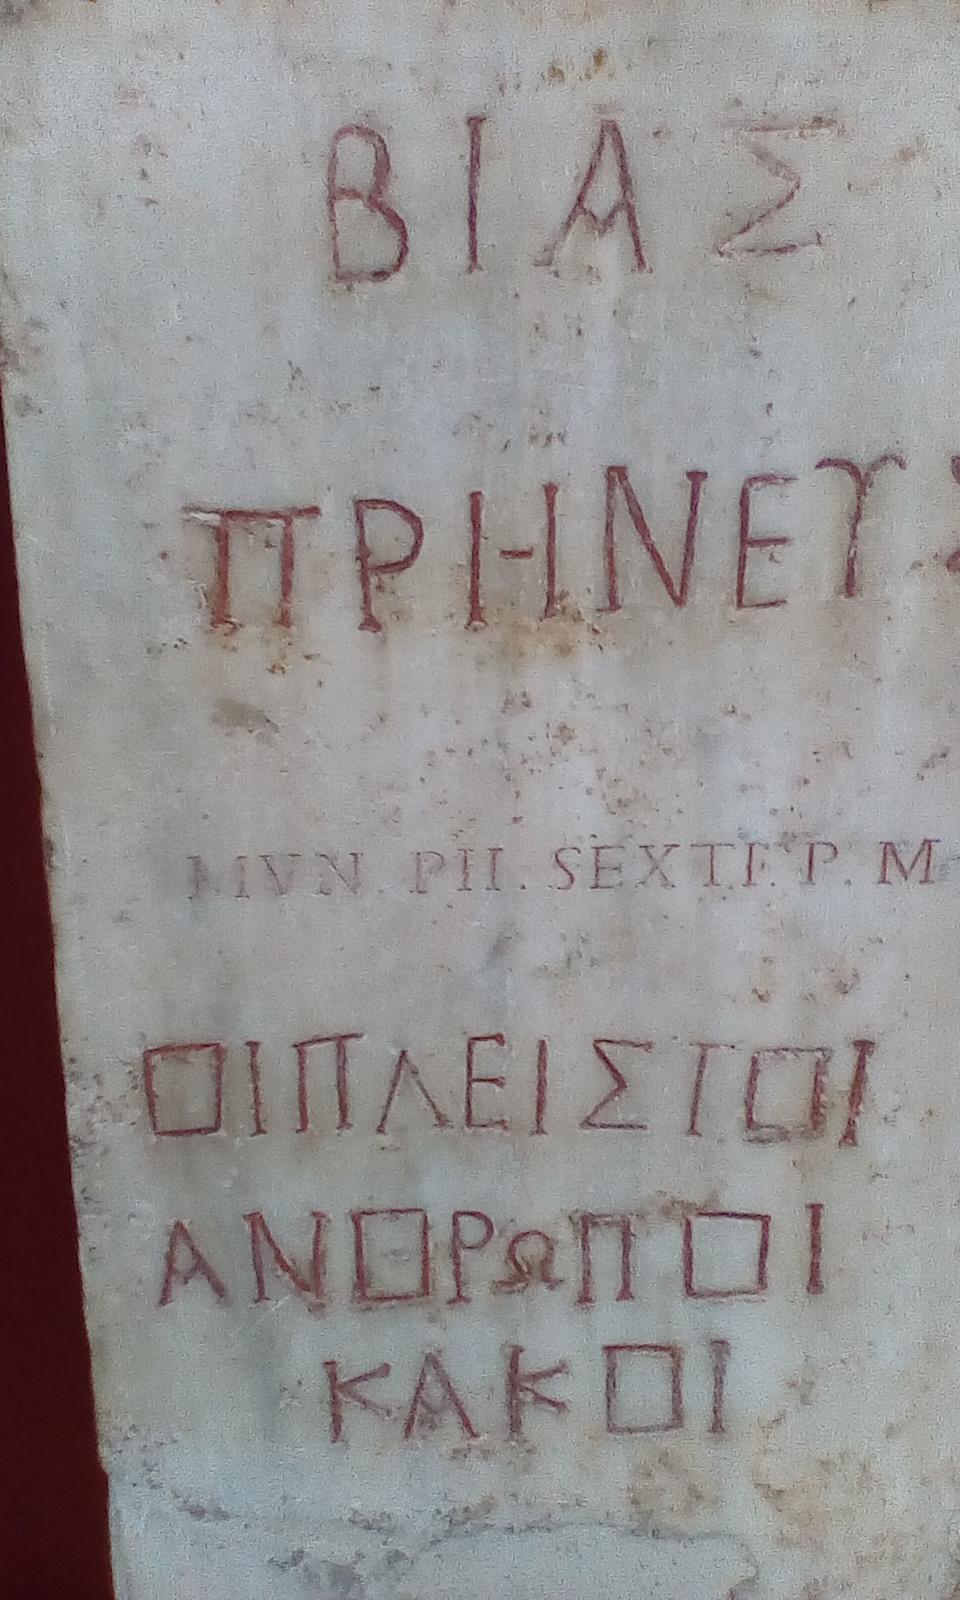 Επιτύμβιος ριμβος μέ ρηση ελληνορωμαίου φιλόσοφου στο Vatican museum.